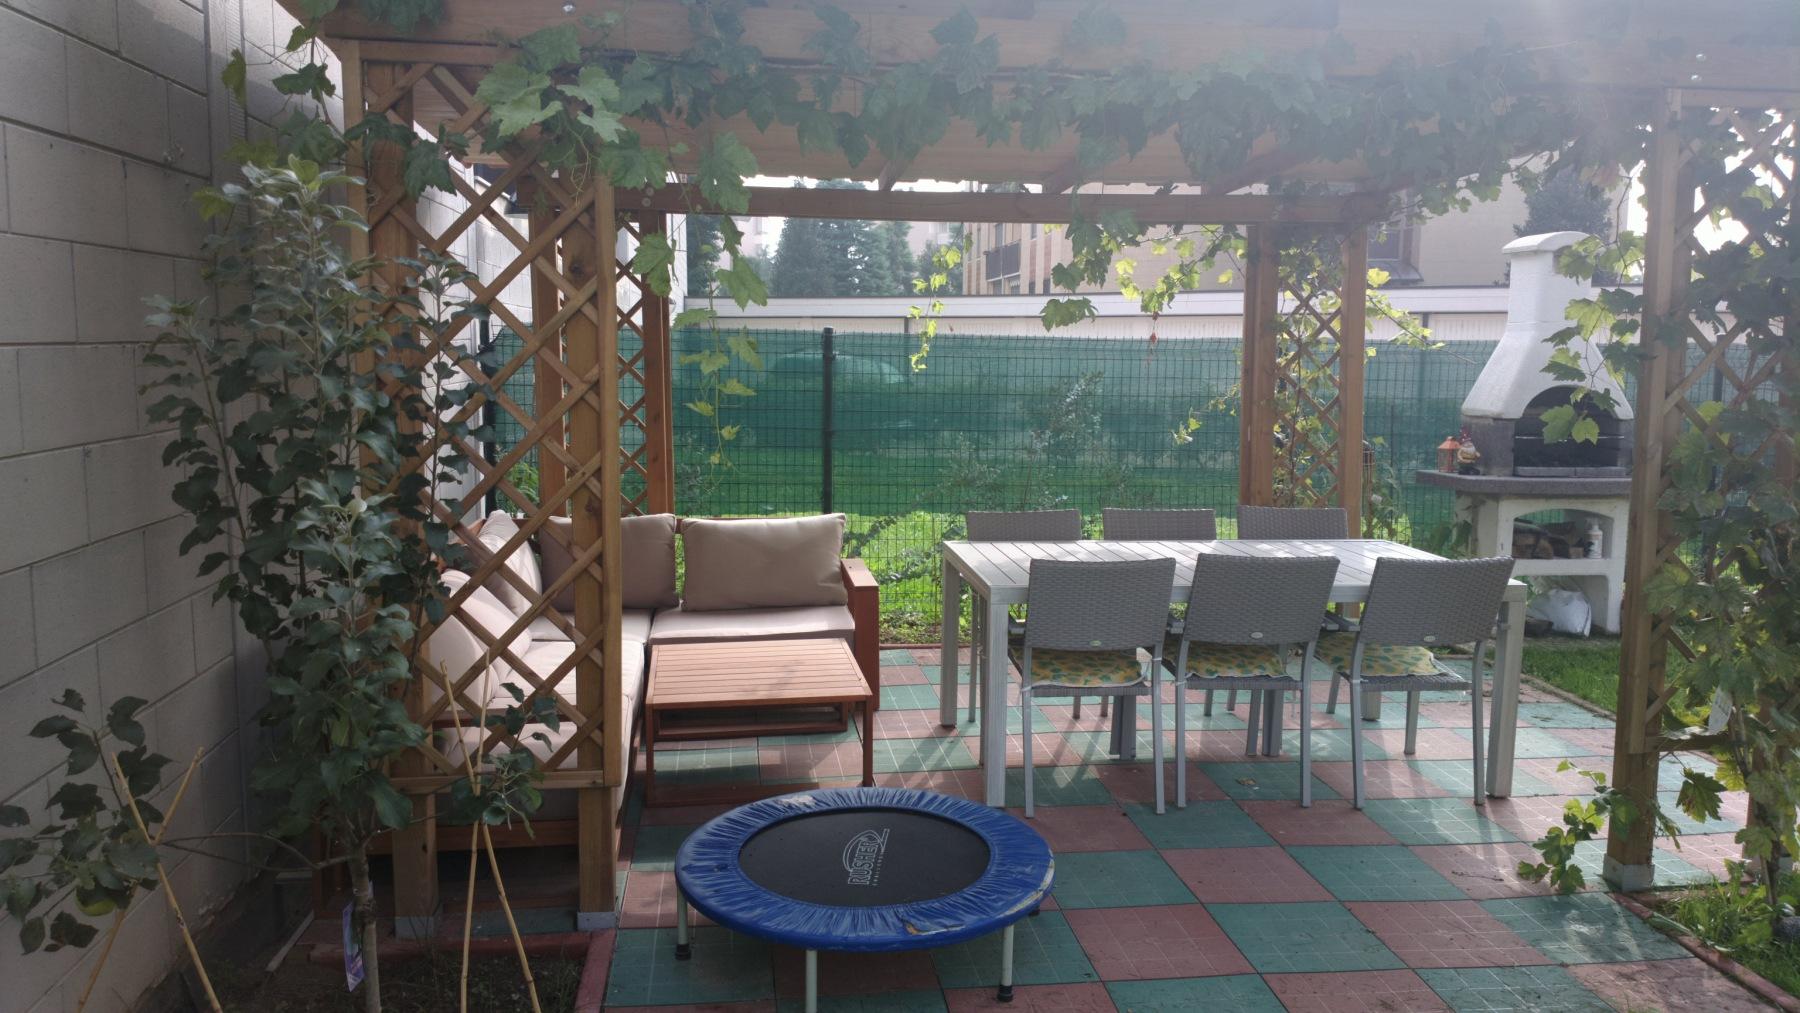 3-locali-buccinasco-con-taverna-spaziourbano-immobiliare-vende-22